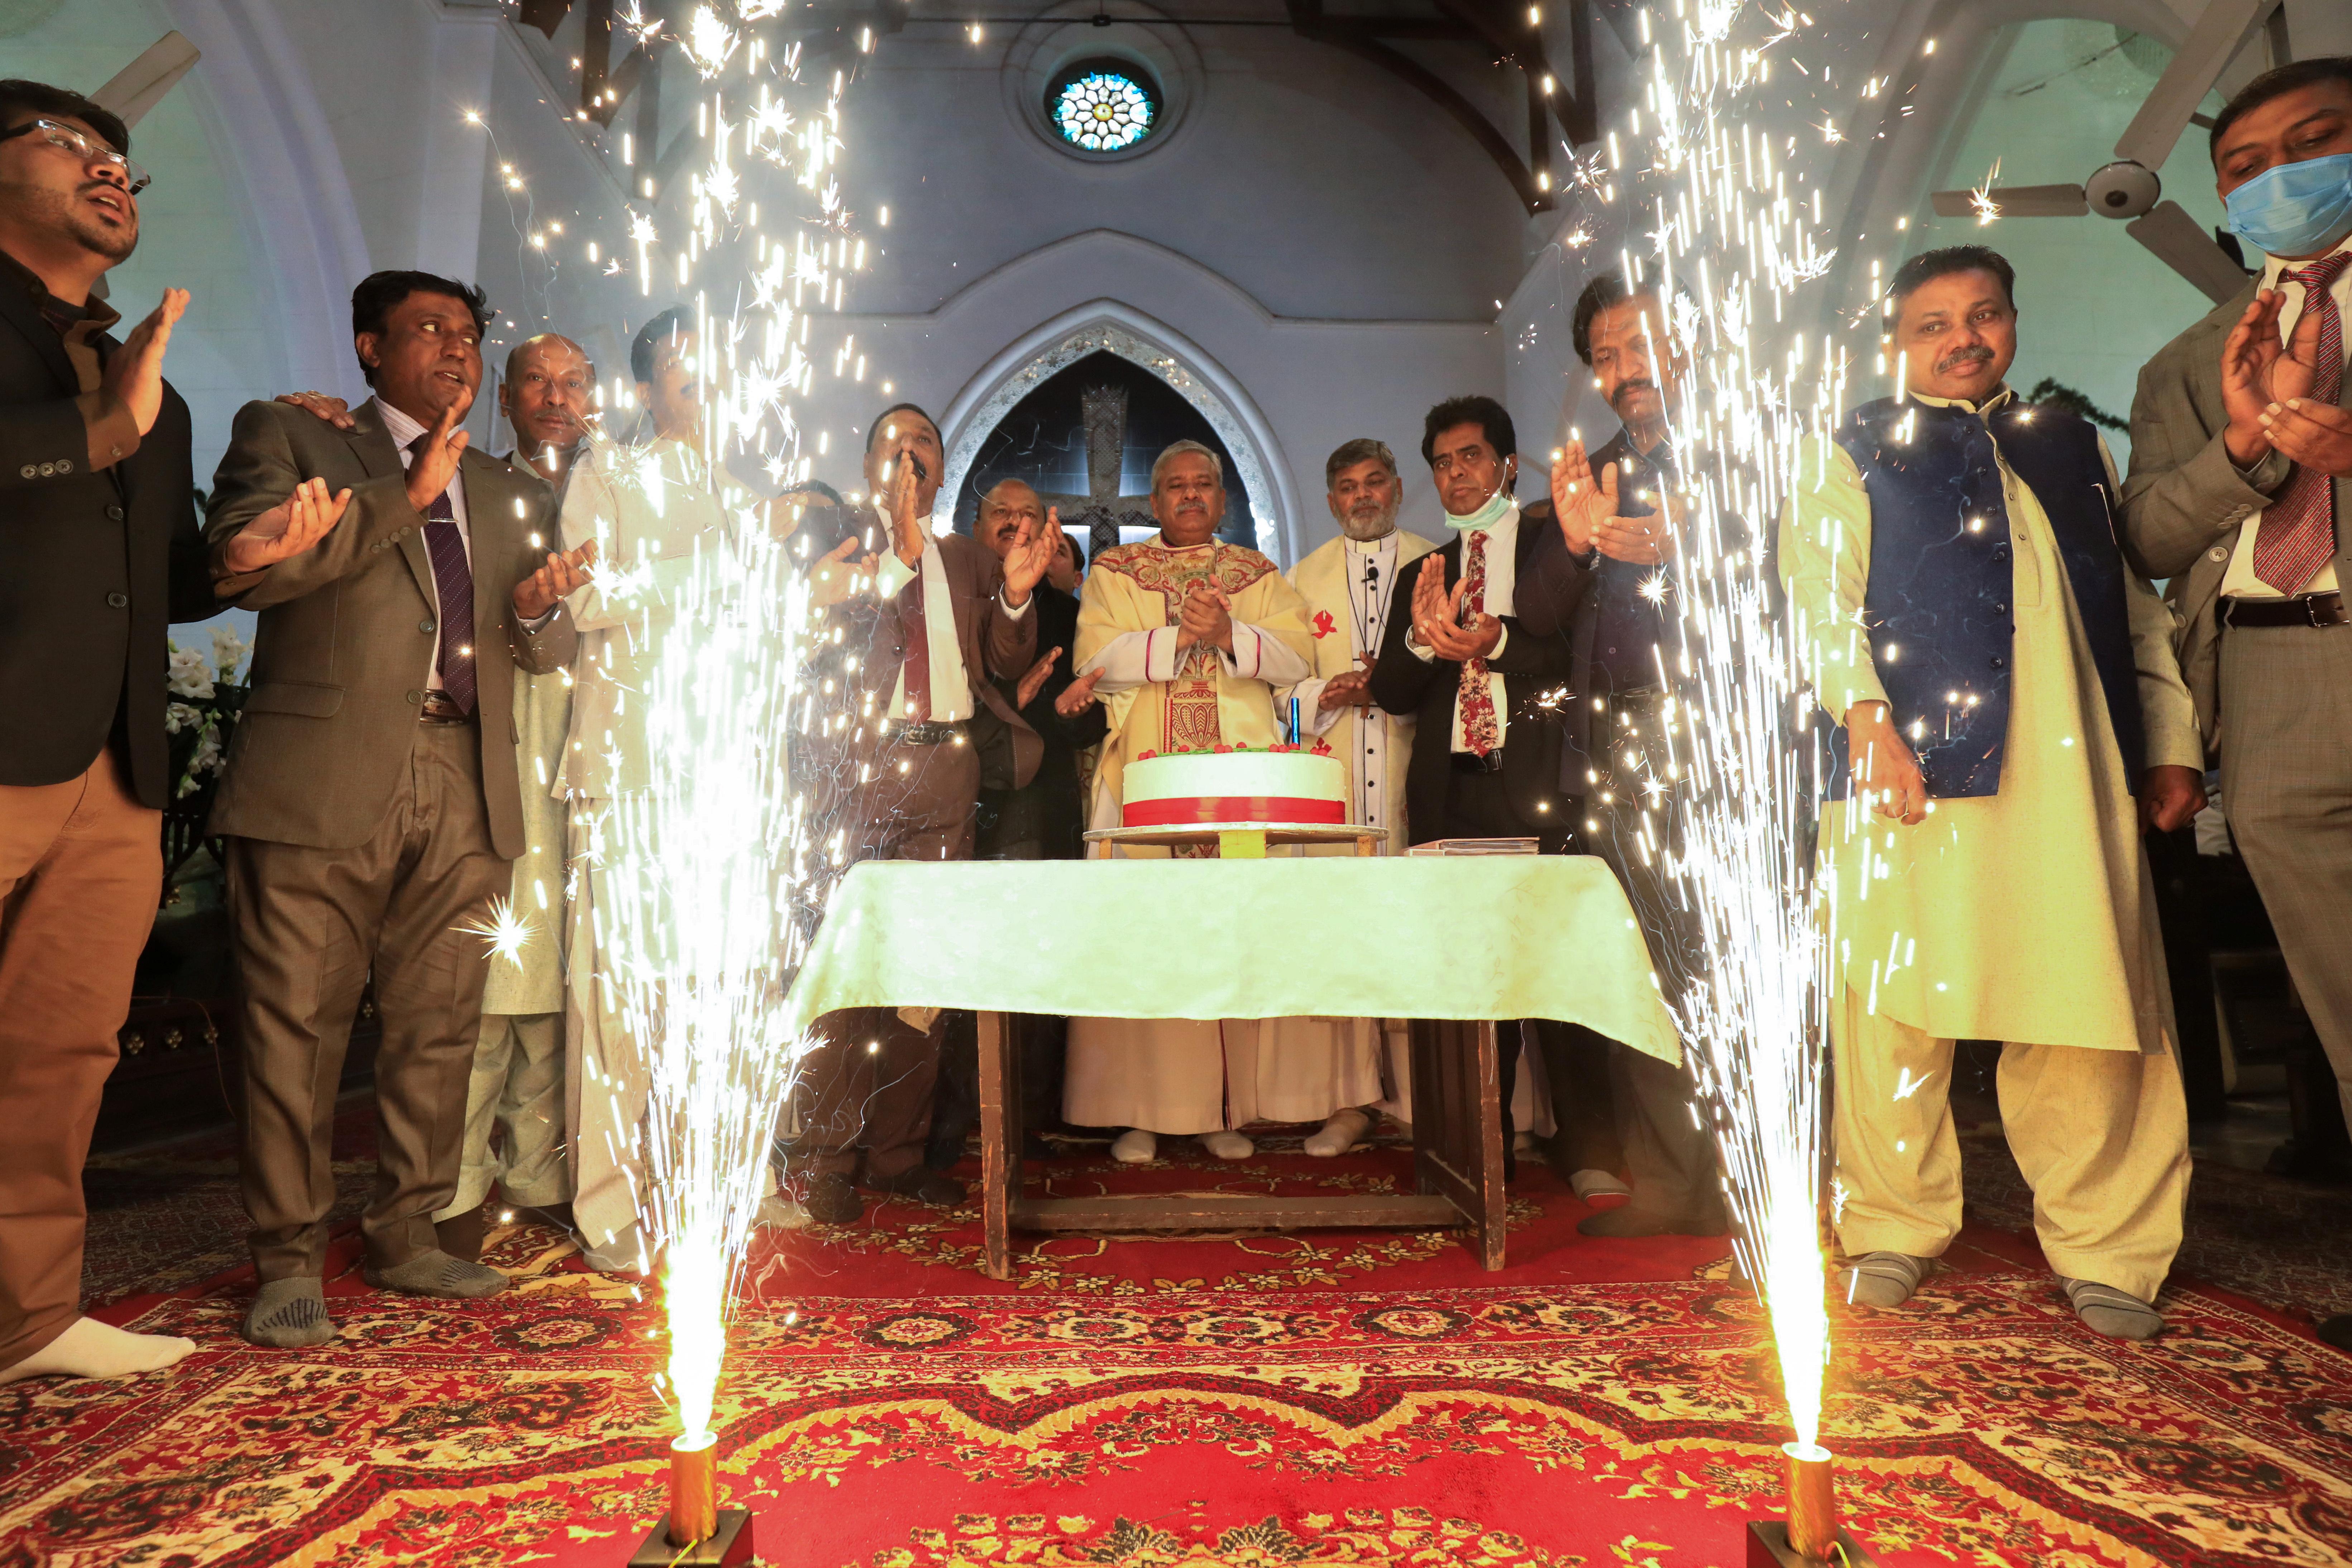 पाकिस्तान में क्रिसमस पर चर्च में कार्यक्रम हुए। पाकिस्तान की आबादी में ईसाई लगभग 1.6% हैं। ईसाई धर्म पाकिस्तान में तीसरा सबसे बड़ा धर्म है।